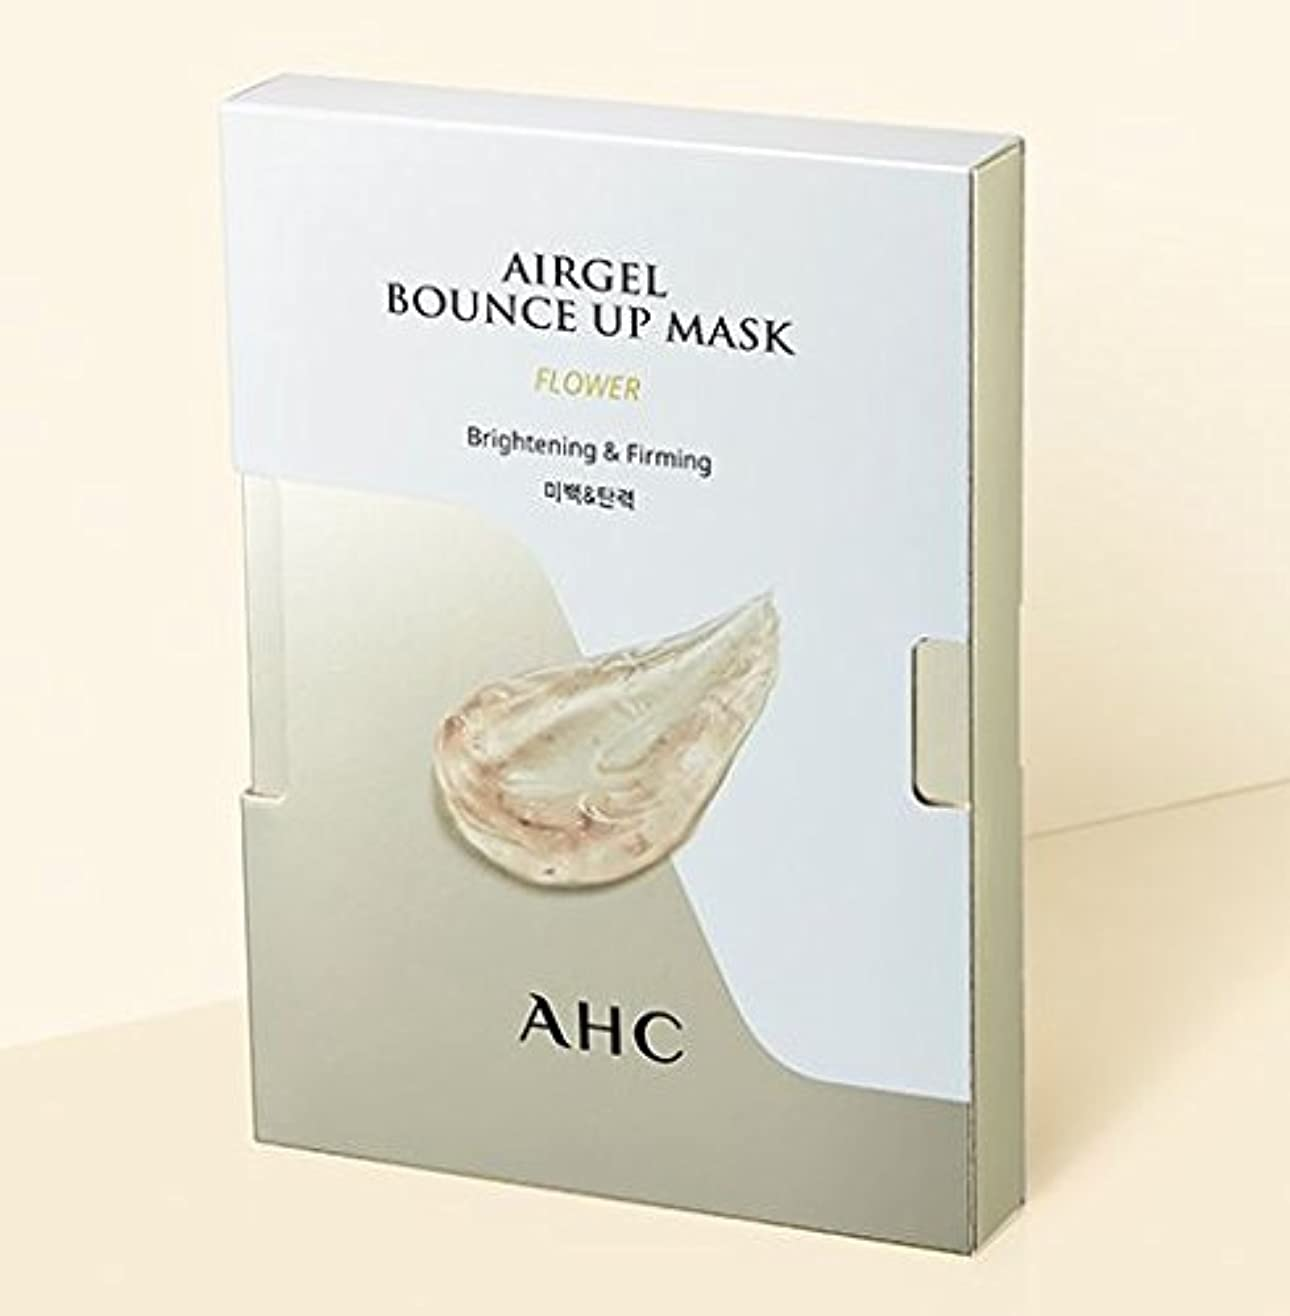 ファックス料理をするコンプリート[A.H.C] Airgel Bounce Up Mask FLOWER (Brightening&Firming)30g*5sheet/フラワーエアゲルマスク30g*5枚 [並行輸入品]